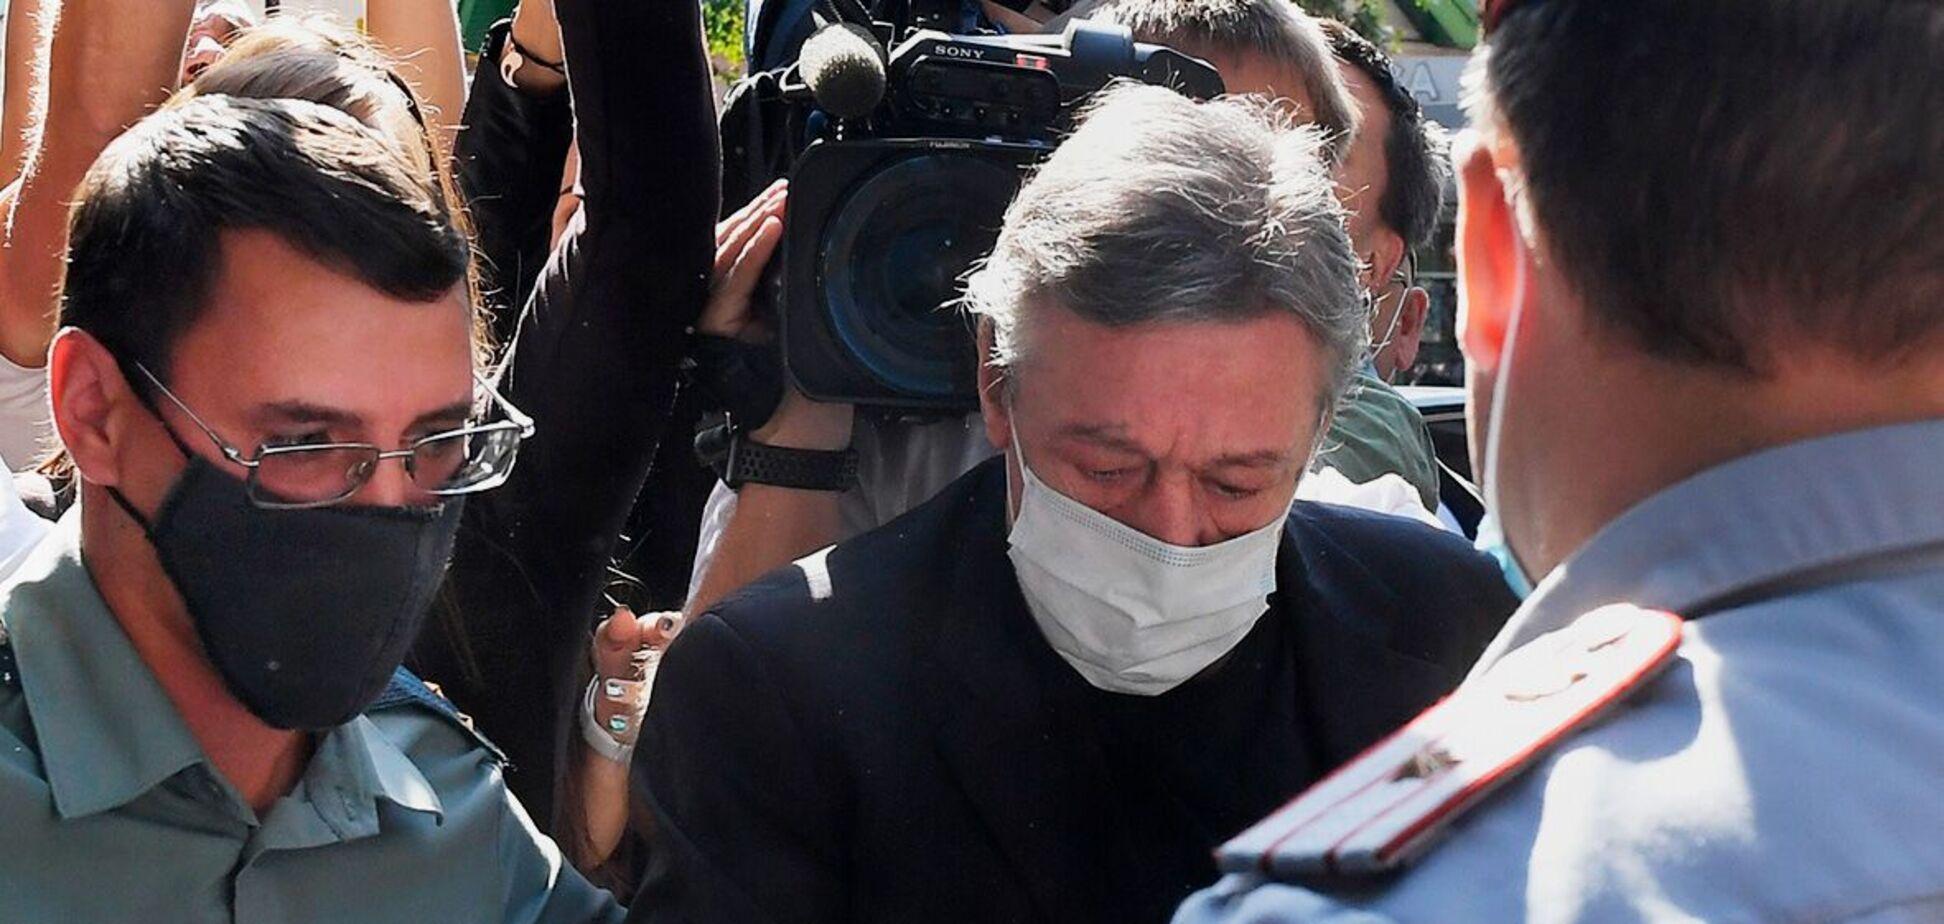 Суд по делу ДТП Ефремова: состоялся допрос последнего свидетеля. Подробности